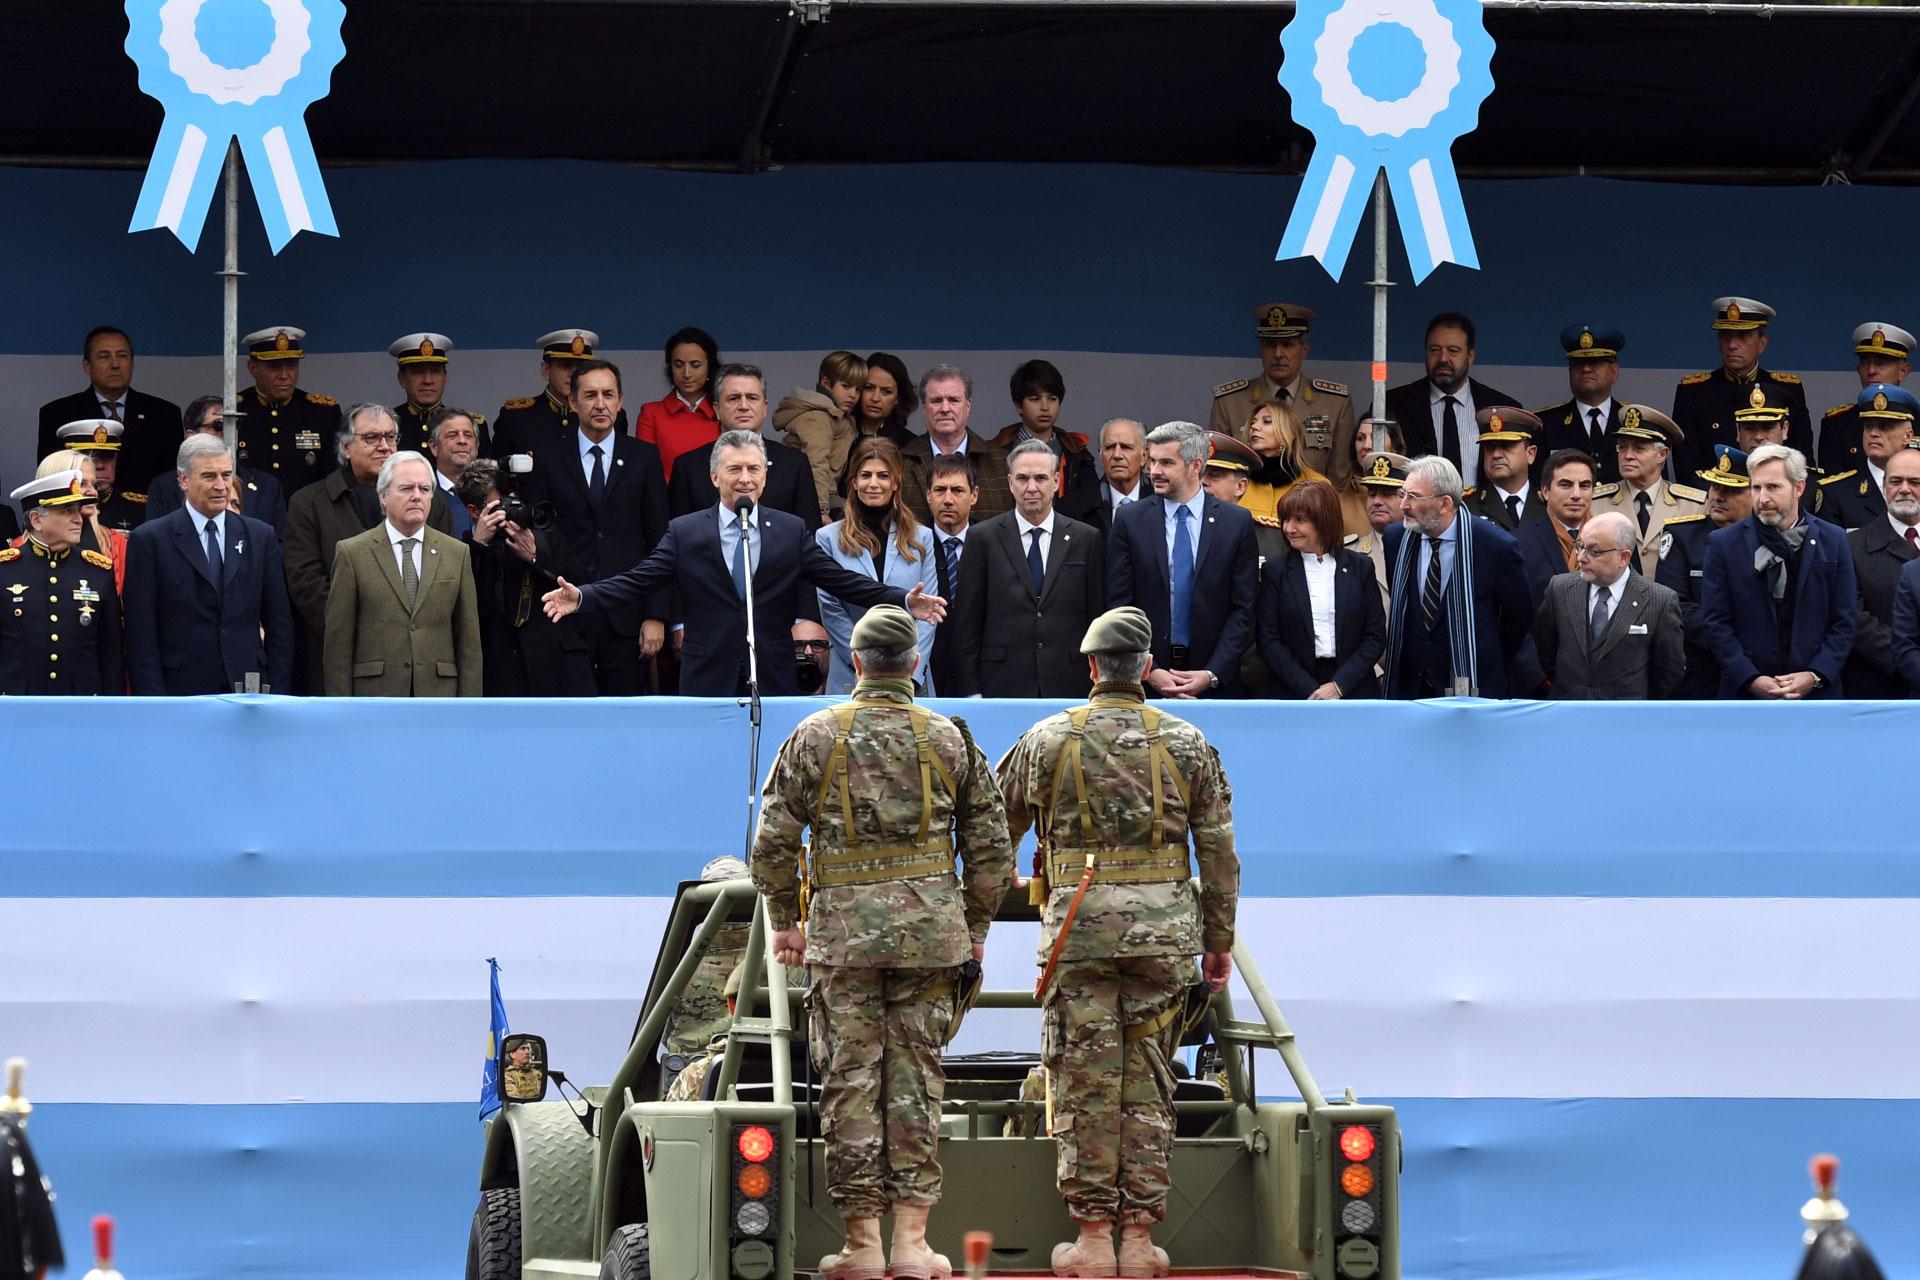 El presidente de la Nación, Mauricio Macri, encabezó el desfile militar por el 9 de Julio (Maximiliano Luna)